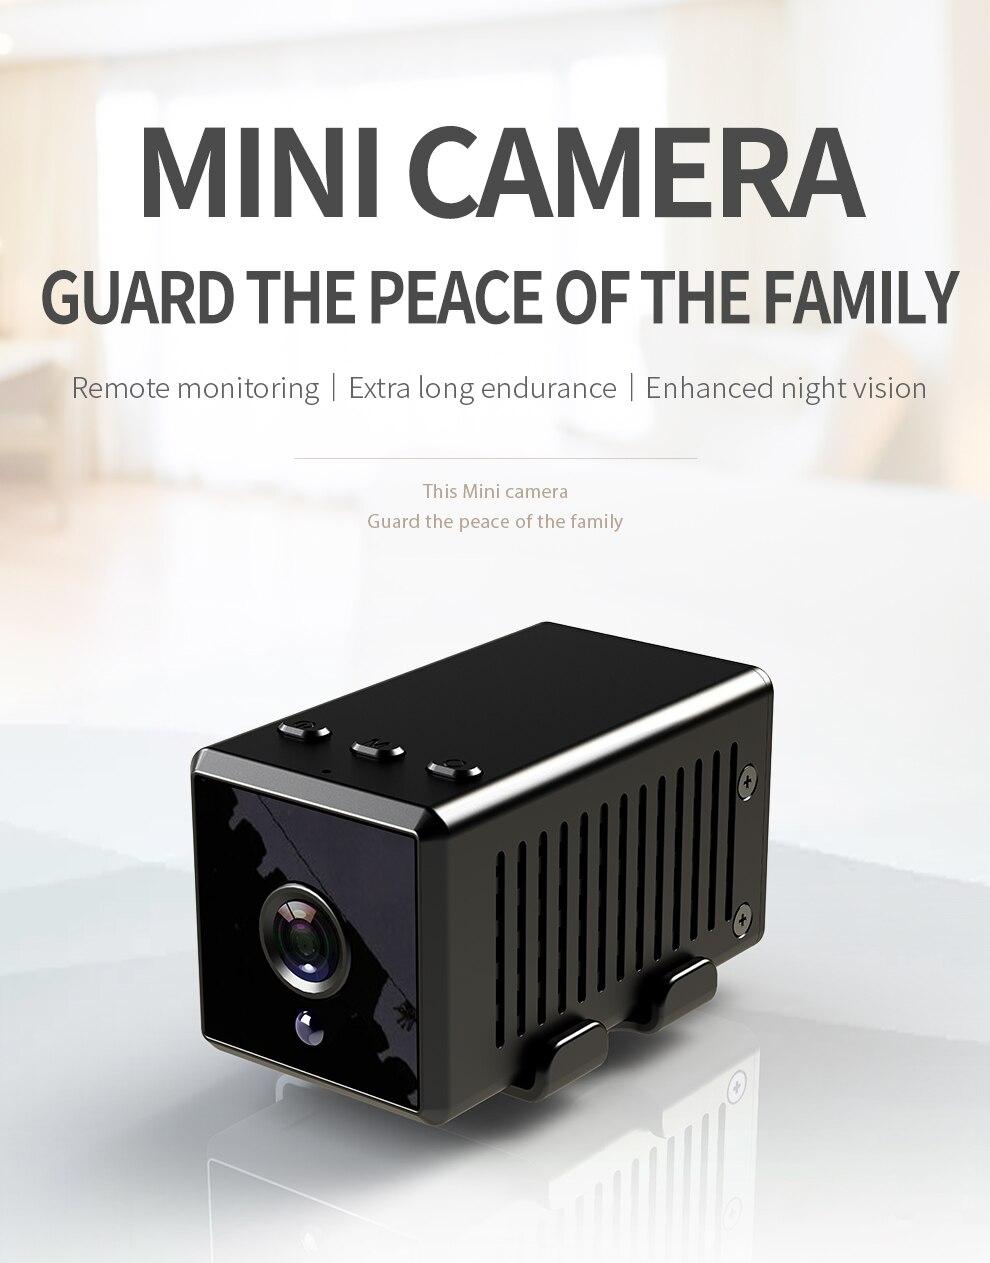 HD 1080P Mini Camera Sensor Night Vision Camcorder Motion DVR Micro Camera Sport DV Video small Portable Wireless  Camera